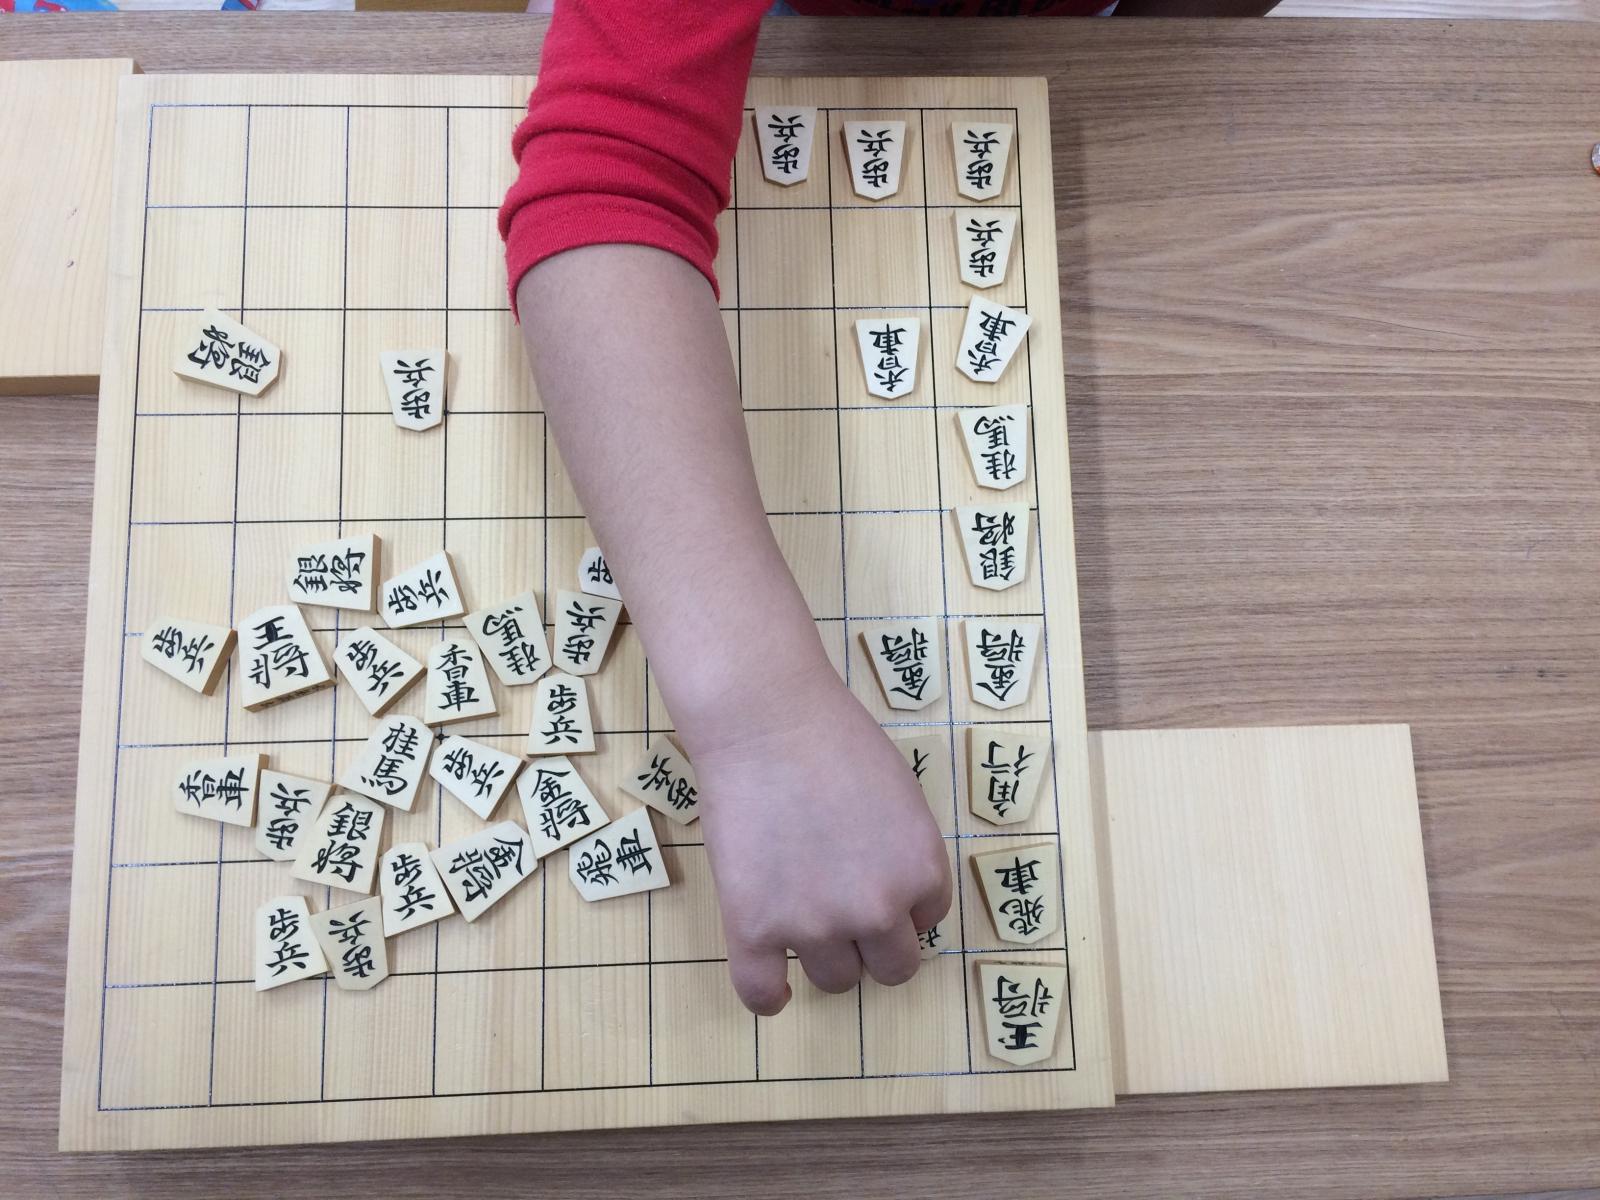 将棋のマスを利用して駒のグループ集め